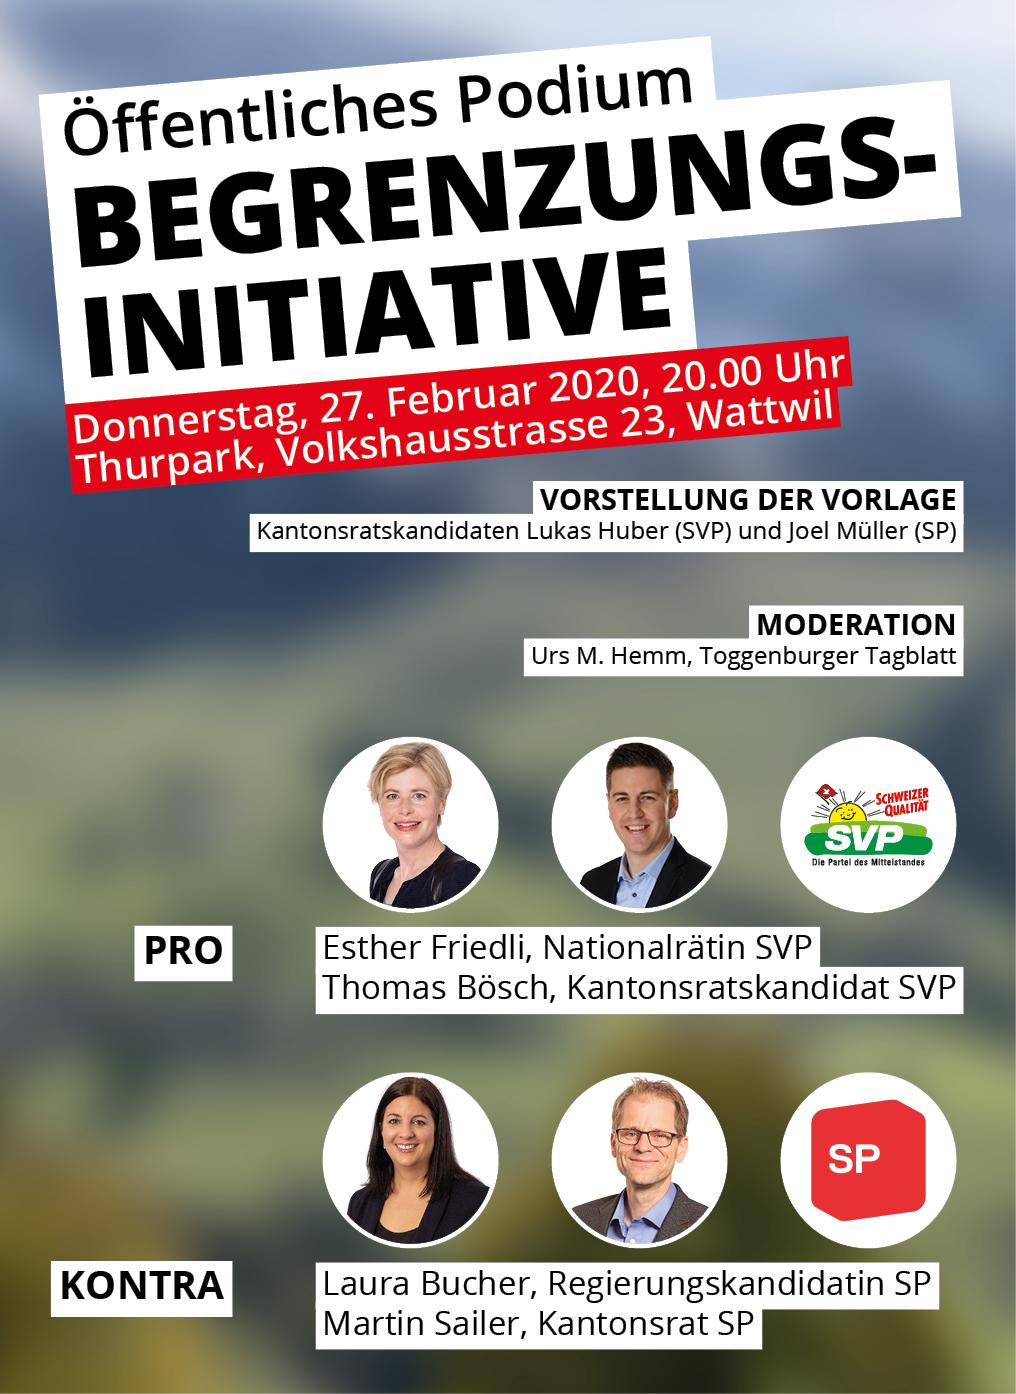 Öffentliches Podium zur Begrenzungsinitiative (Donnerstag, 27.02.2020 um  20.00 Uhr)